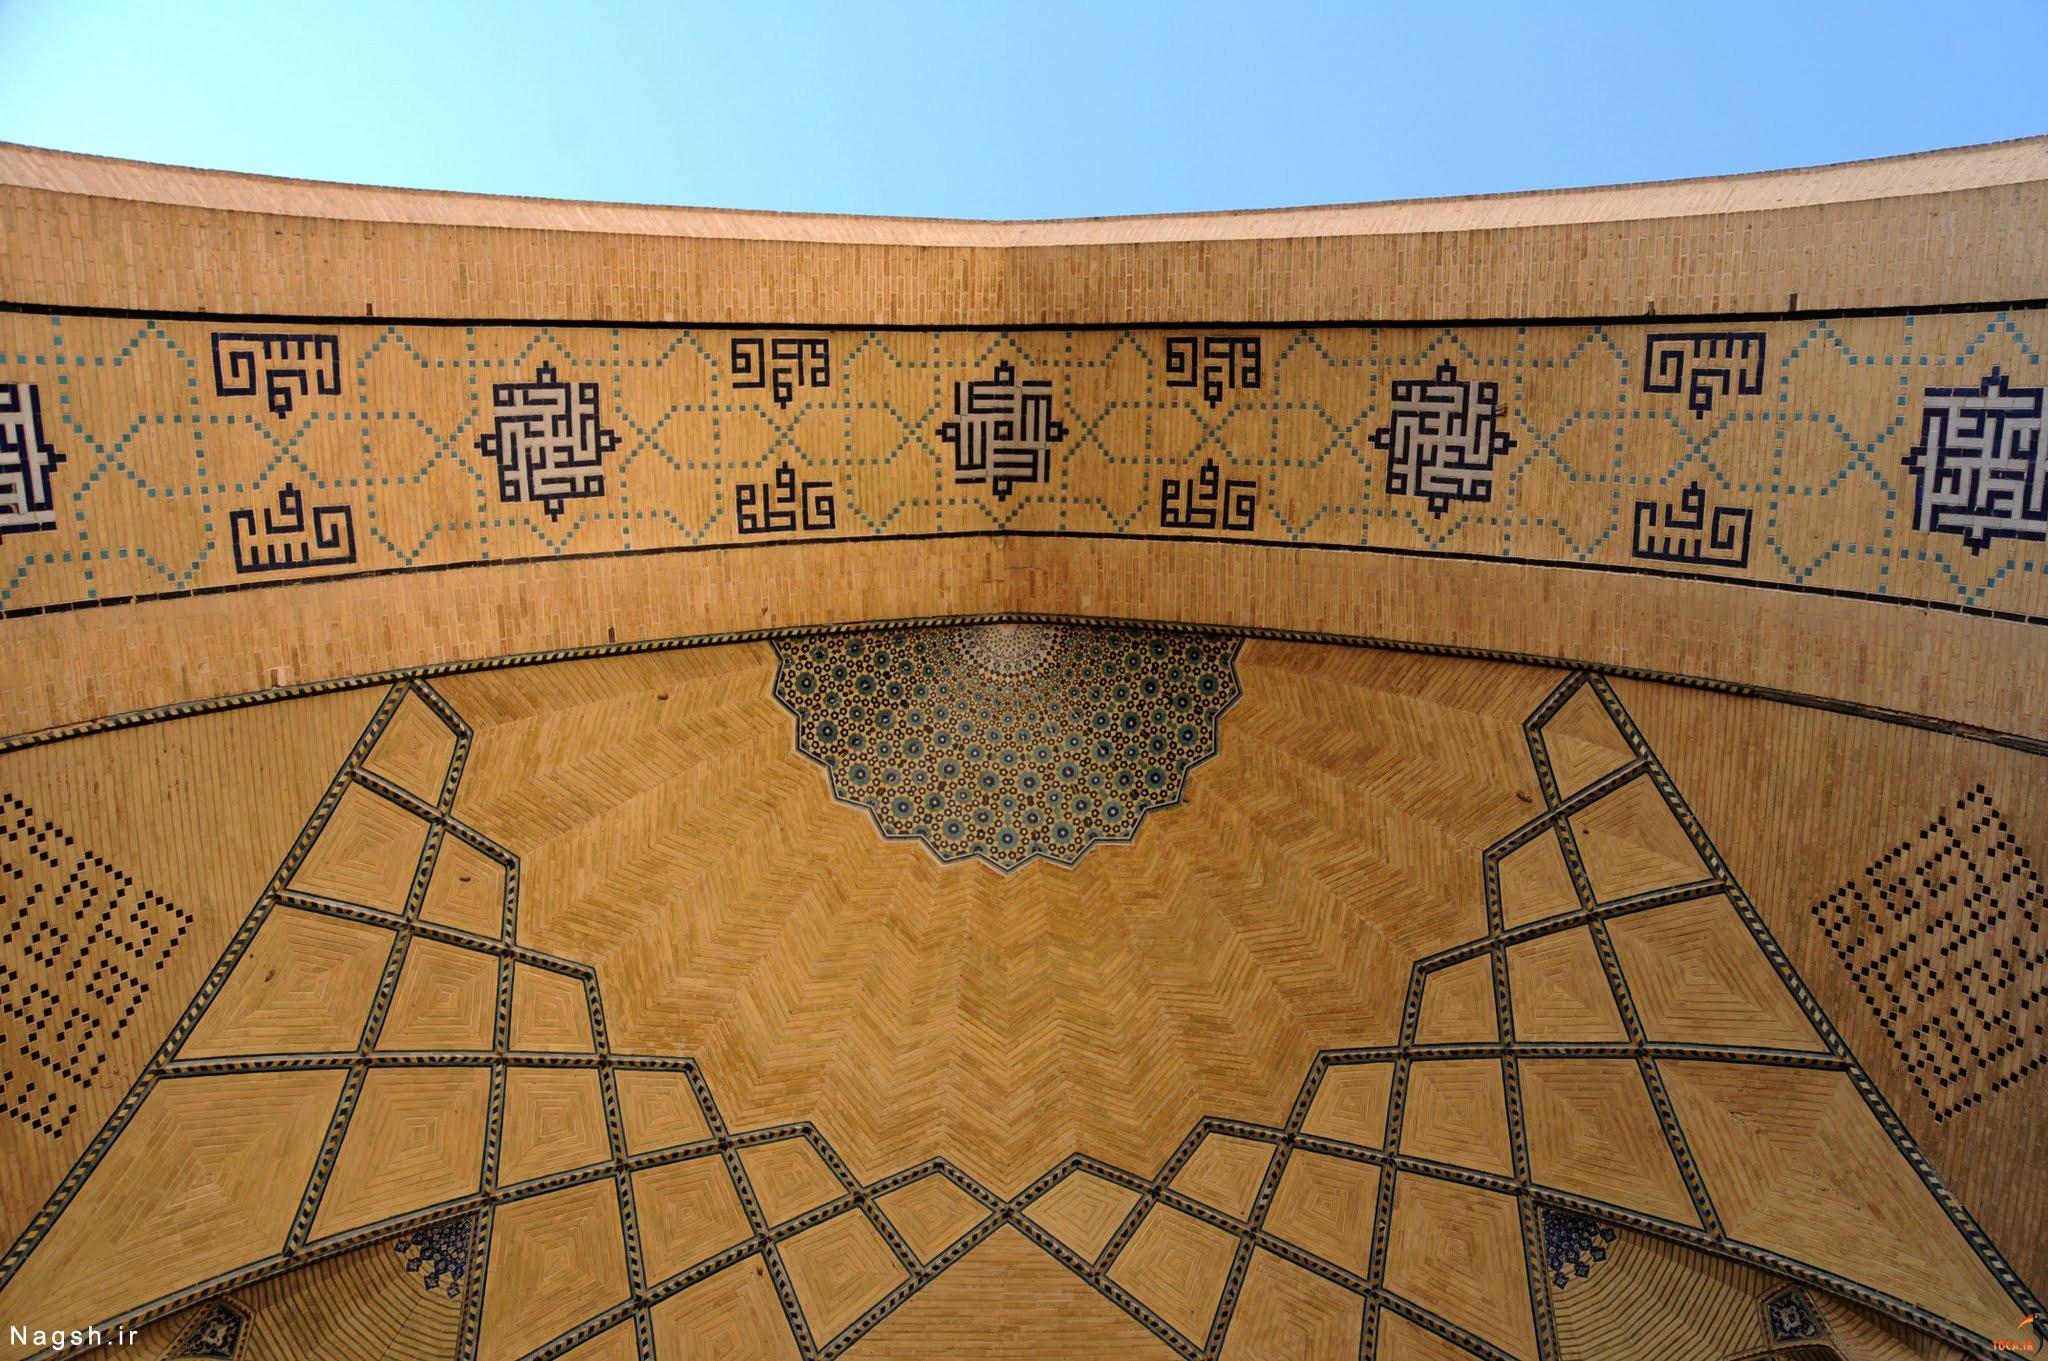 طاق مسجد حکیم اصفهان